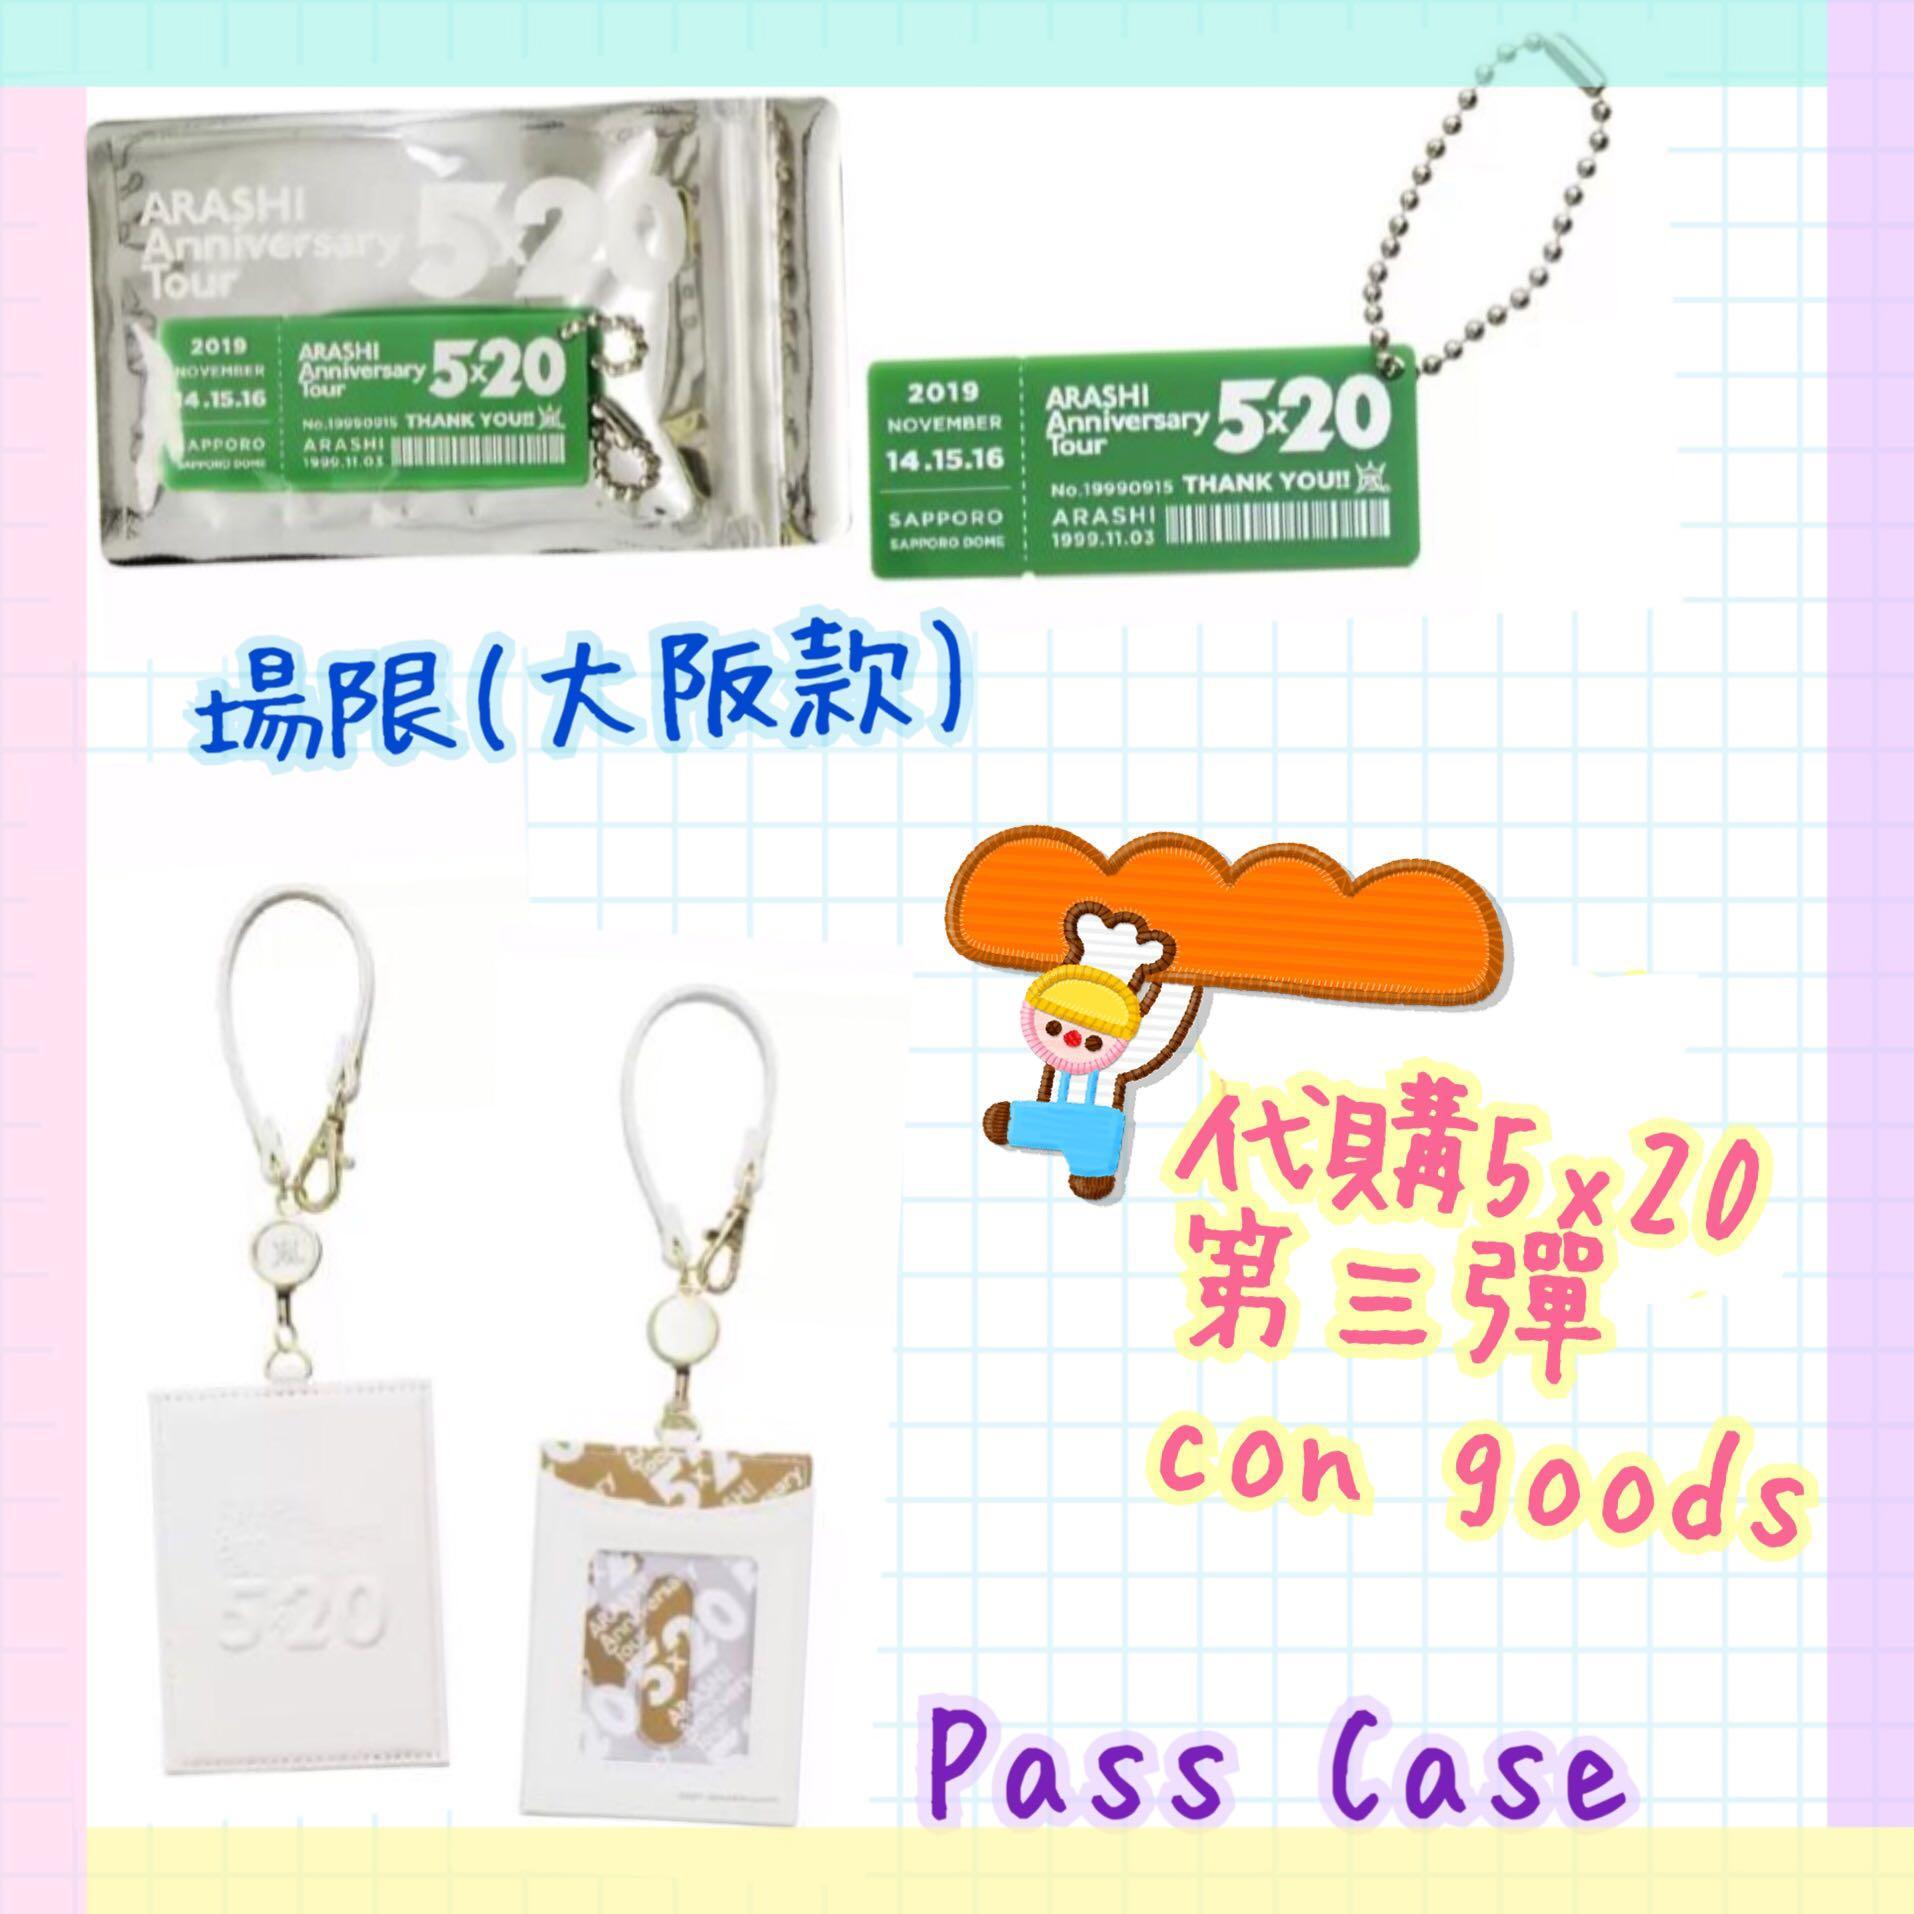 (代購) 第三彈 11月大阪場 goods 嵐 Arashi Anniversary Tour 5x20